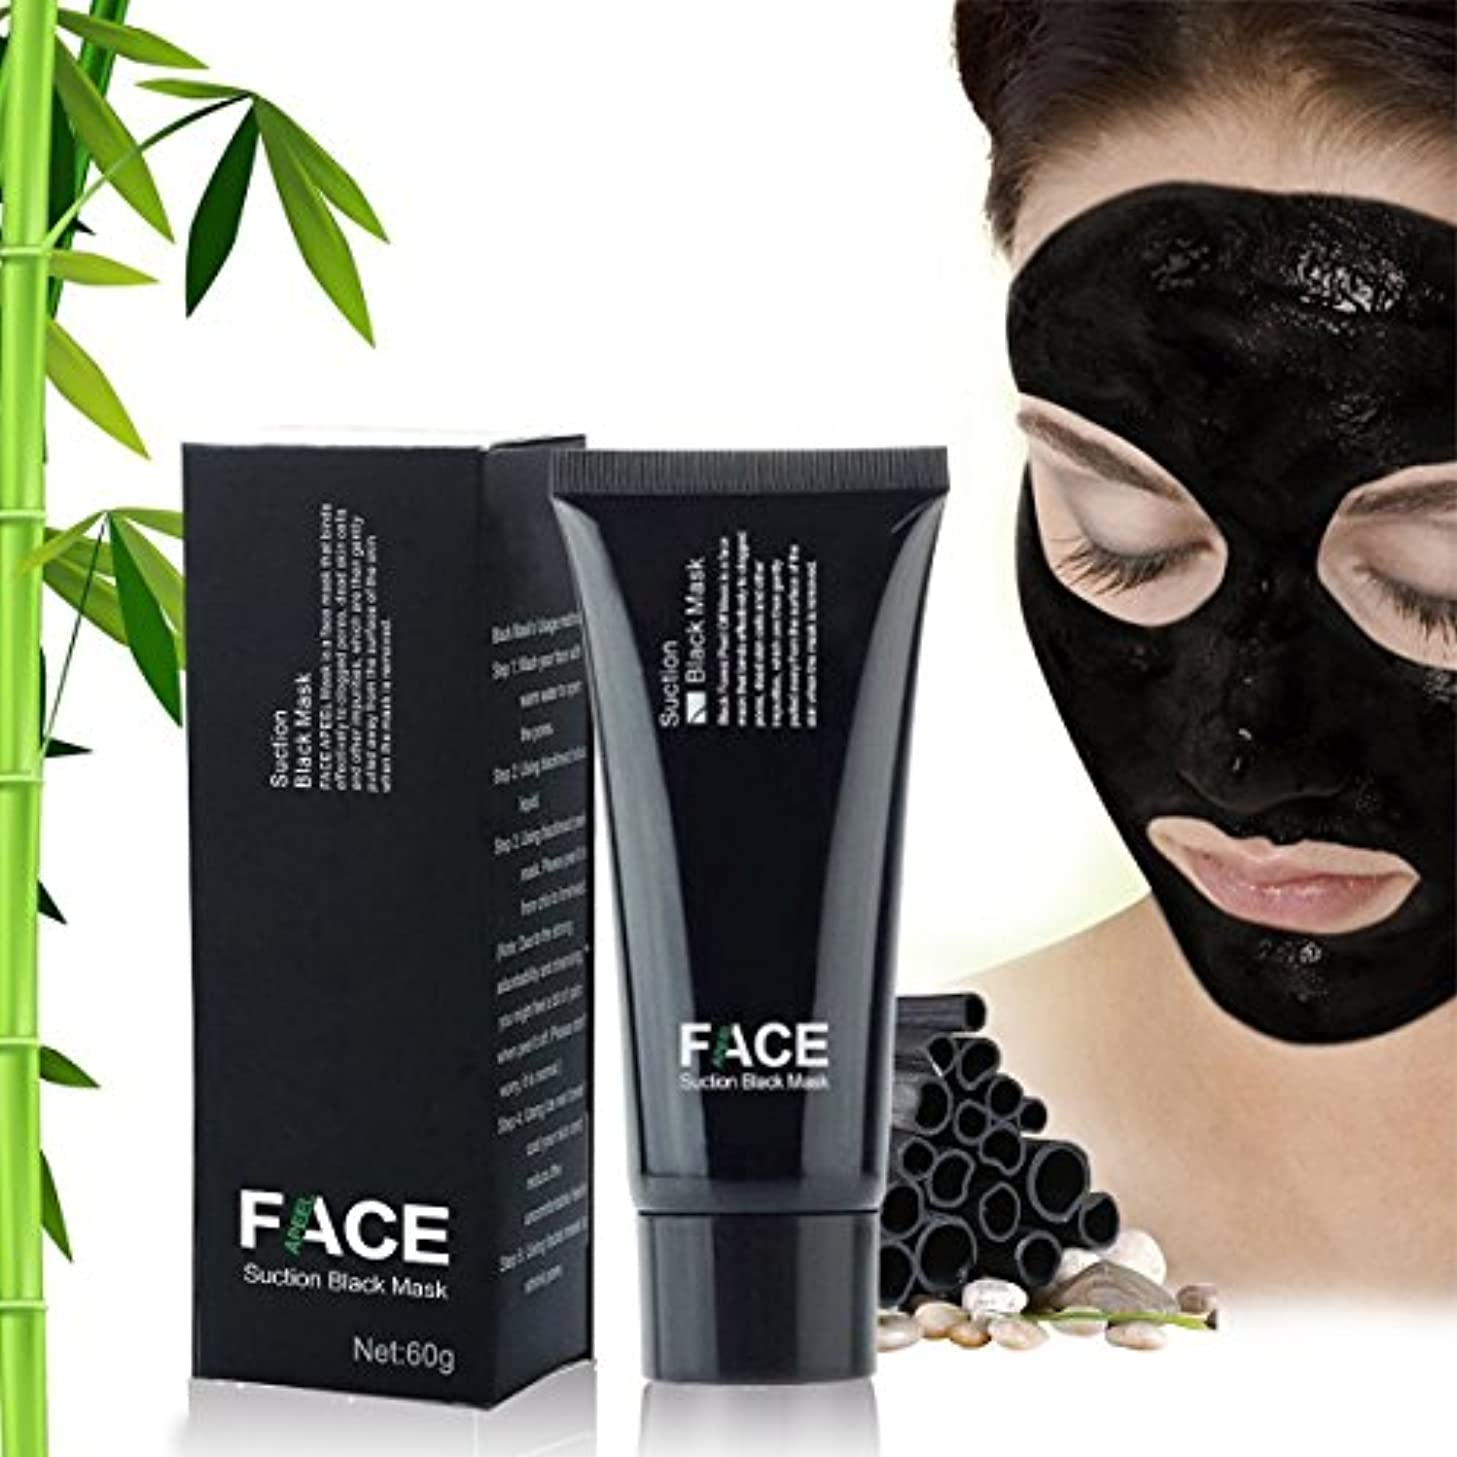 行き当たりばったり性交オフェンスFace Apeel Blackhead Remover - Peel-off Mask for Men and Women - Deep Cleans Better than Pore Strips for Instantly